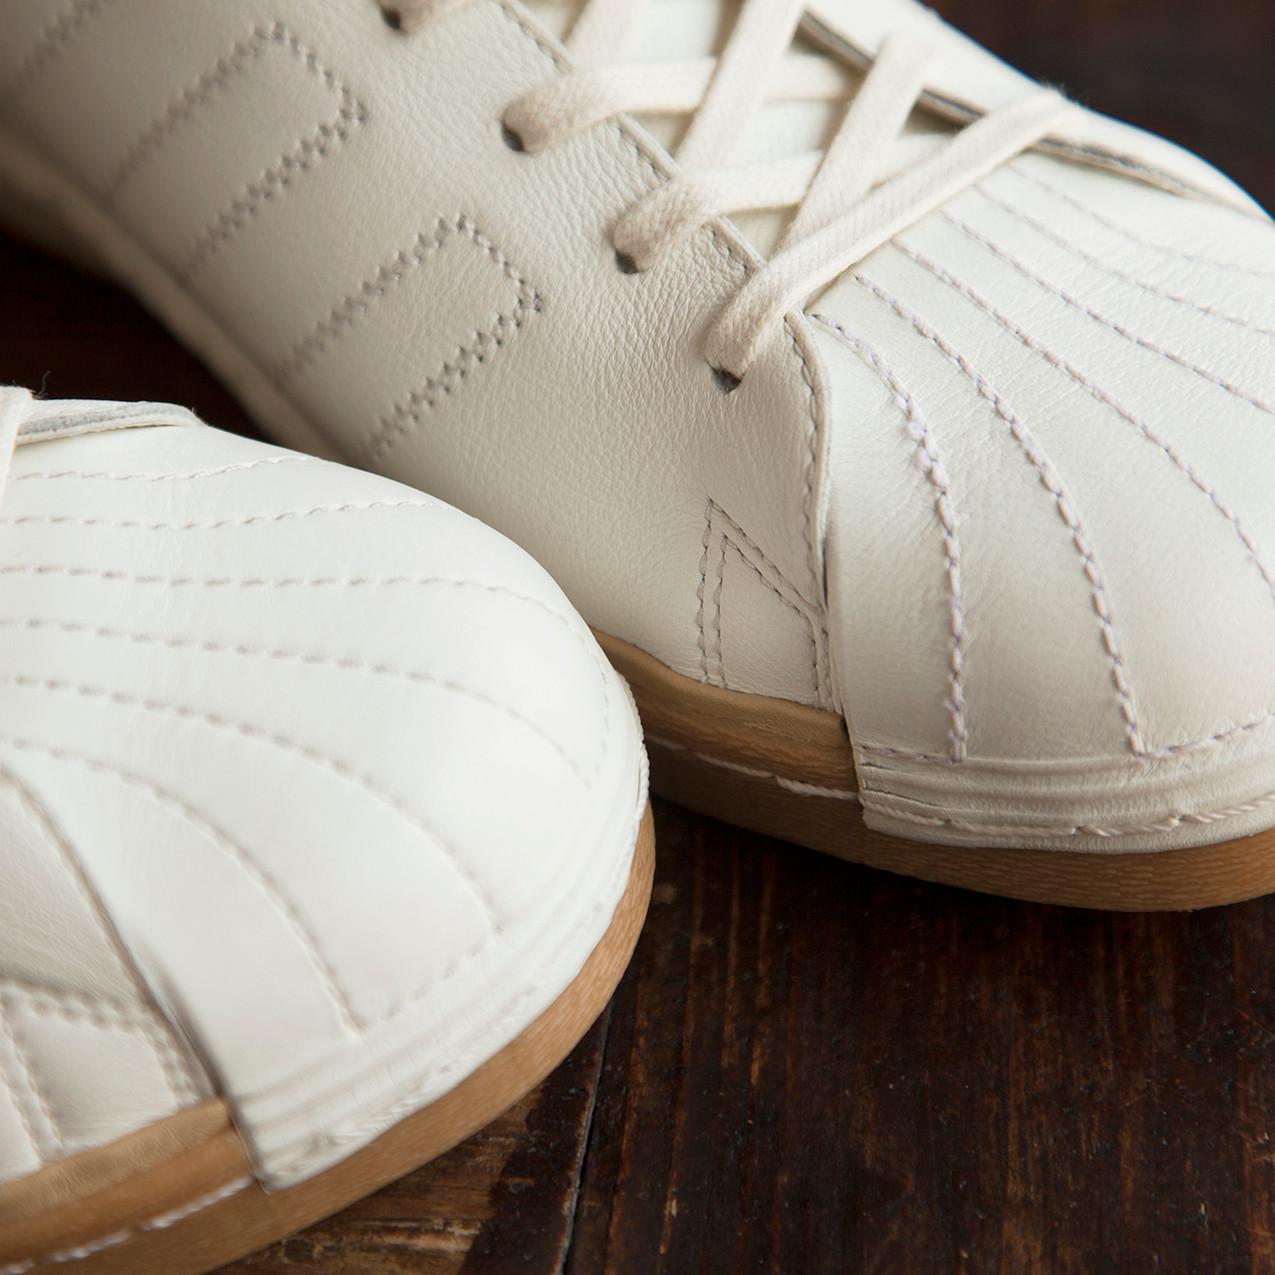 adidas Originals-Consortium- TENIS SUPERSTAR KASINA_R$699,99 (7)